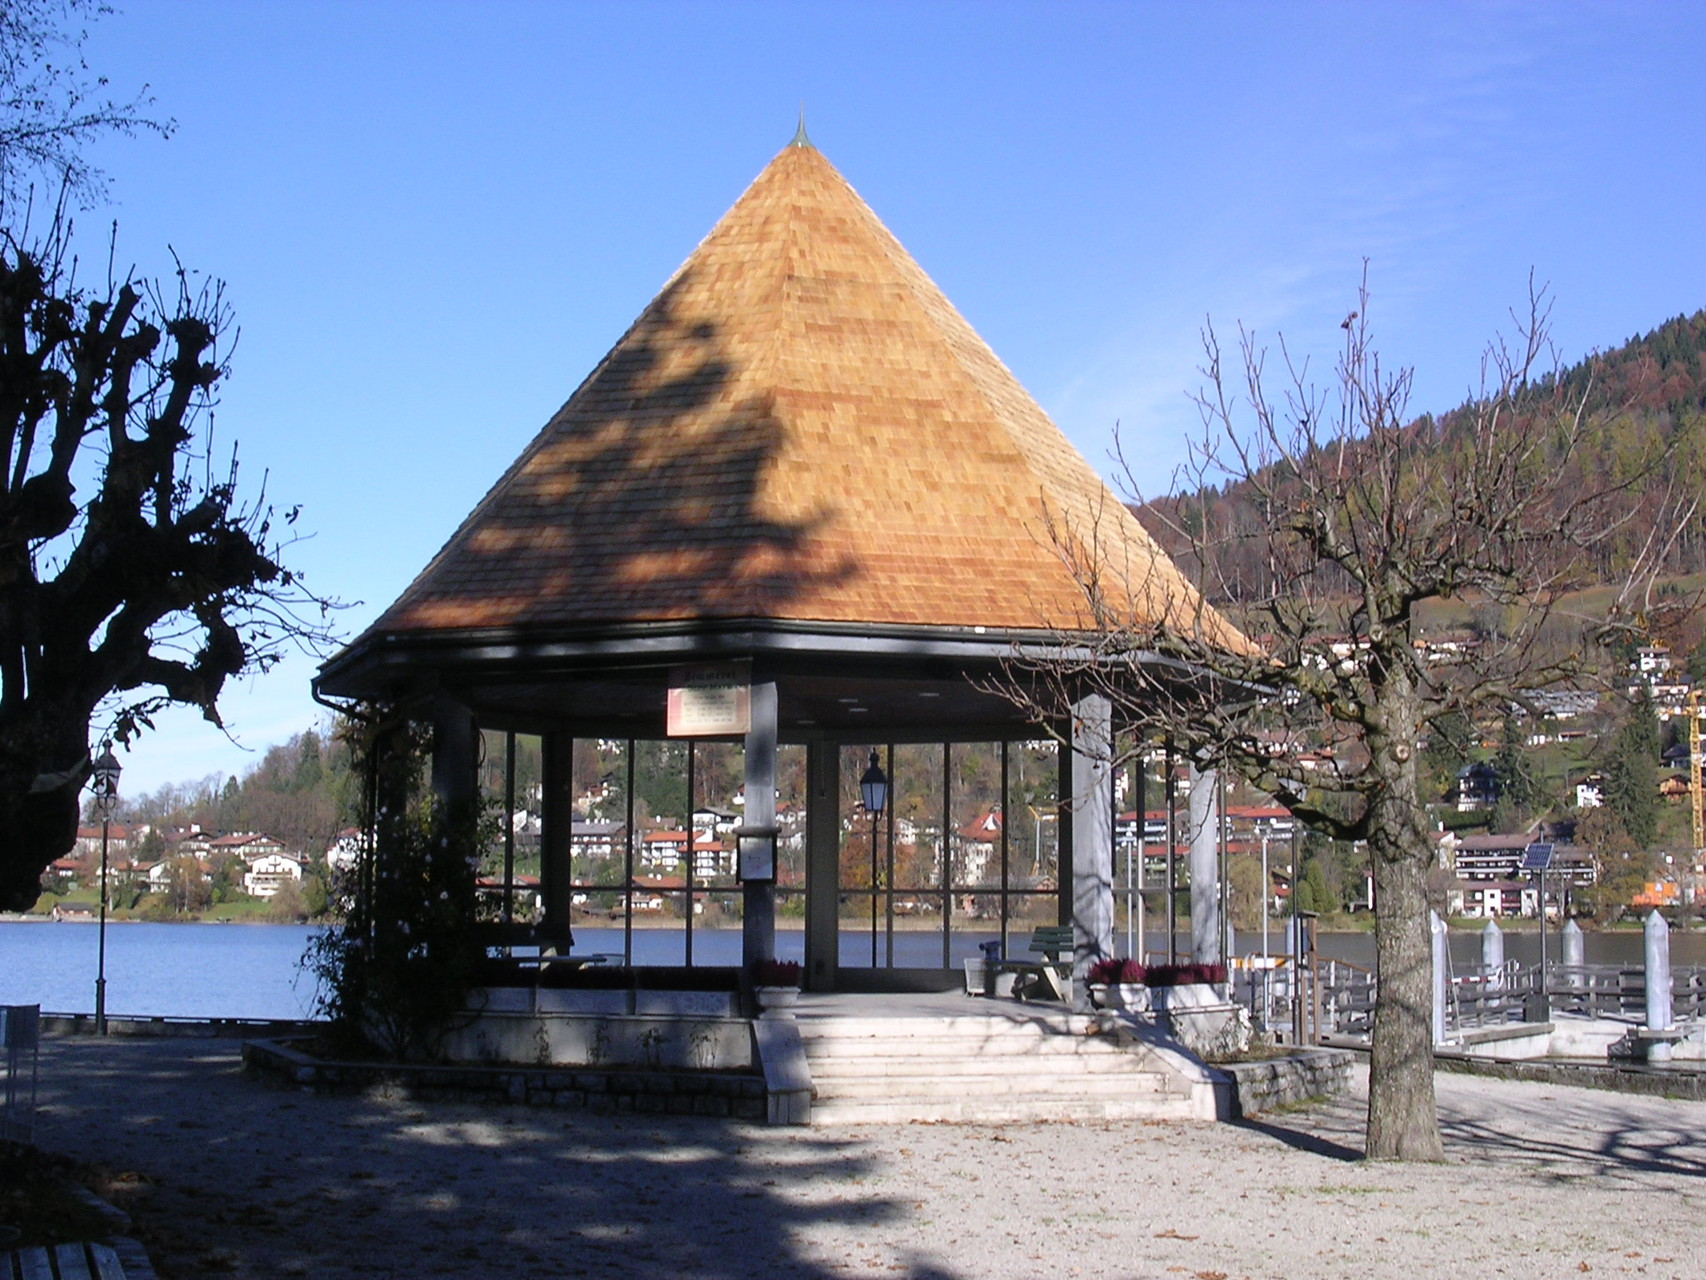 Schindeldeckung, Musikpavillon | Rottach-Egern